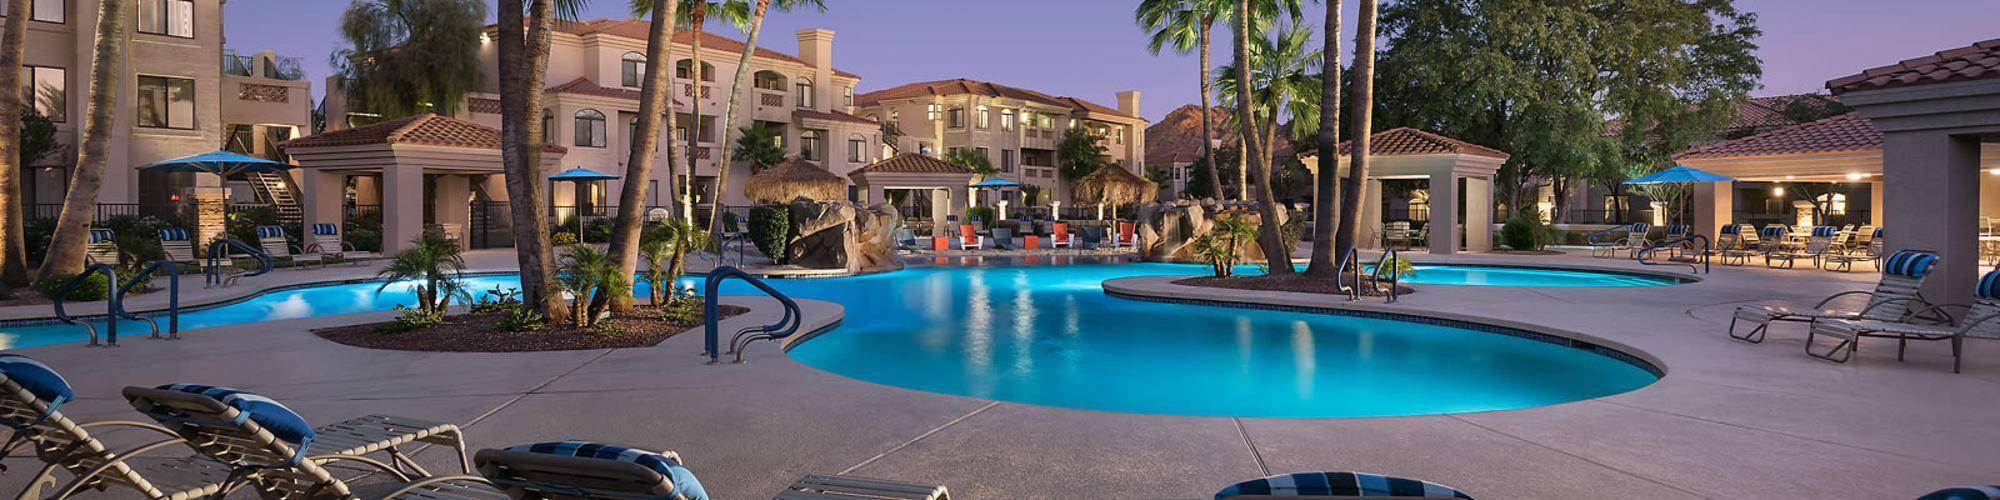 Schedule a tour of San Pedregal in Phoenix, Arizona